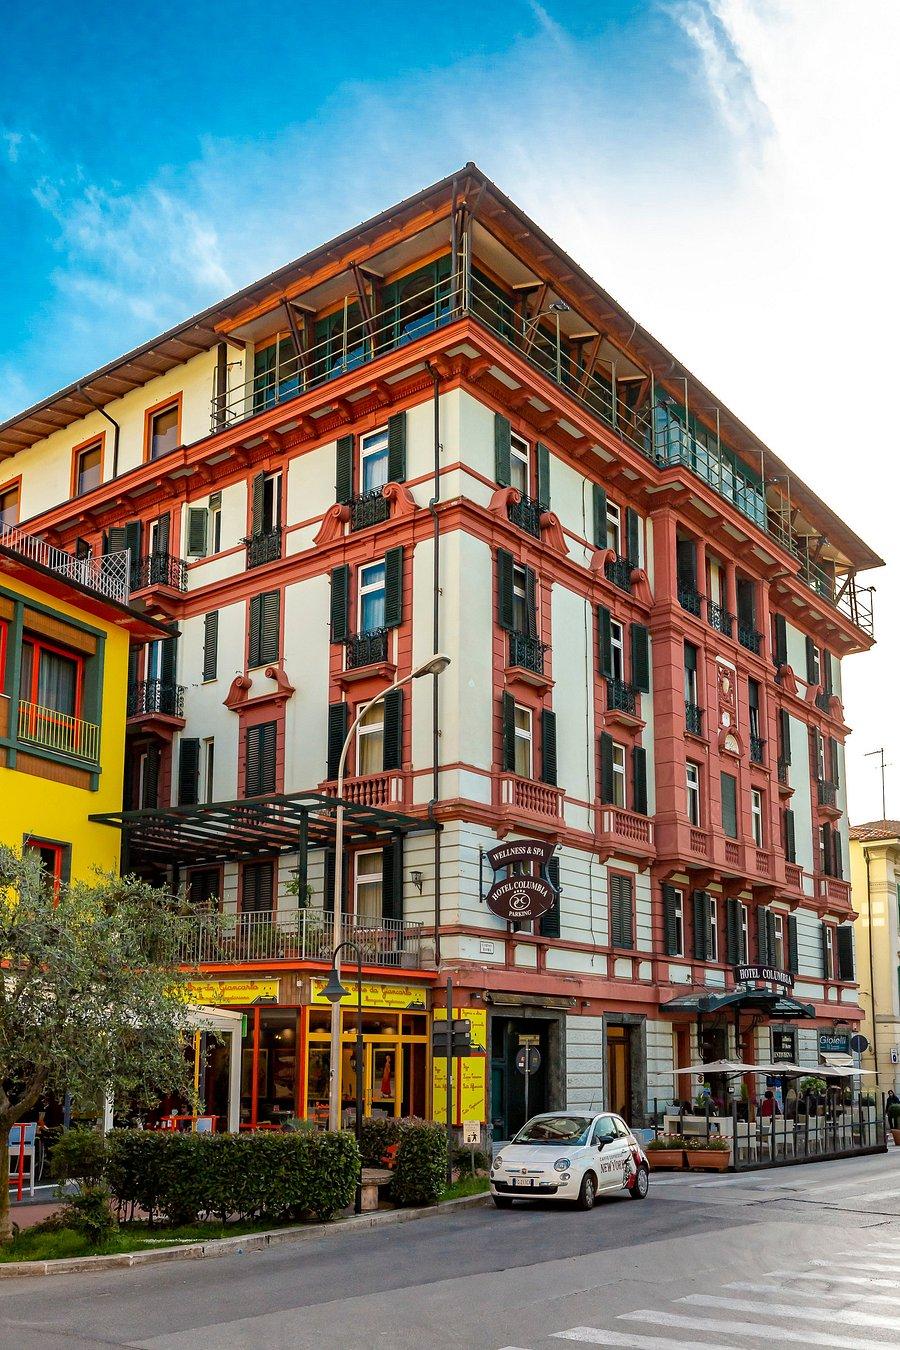 HOTEL COLUMBIA WELLNESS & SPA $47 ($̶1̶7̶0̶) - Prices & Reviews -  Montecatini Terme, Italy - Tripadvisor